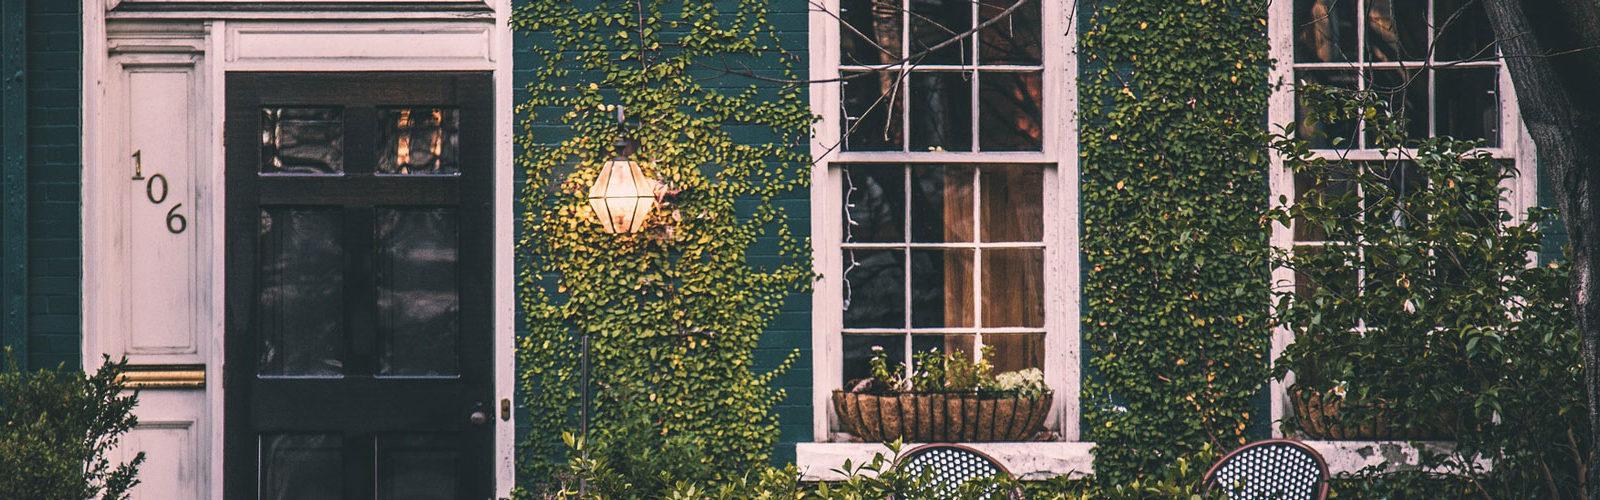 Full Size of Fenster Tren Jalousien Lupk Holz Alu Preise Schüco Einbruchsichere Drutex Günstig Kaufen Schüko Insektenschutzgitter De Bremen Kunststoff Runde Fenster Fenster Türen